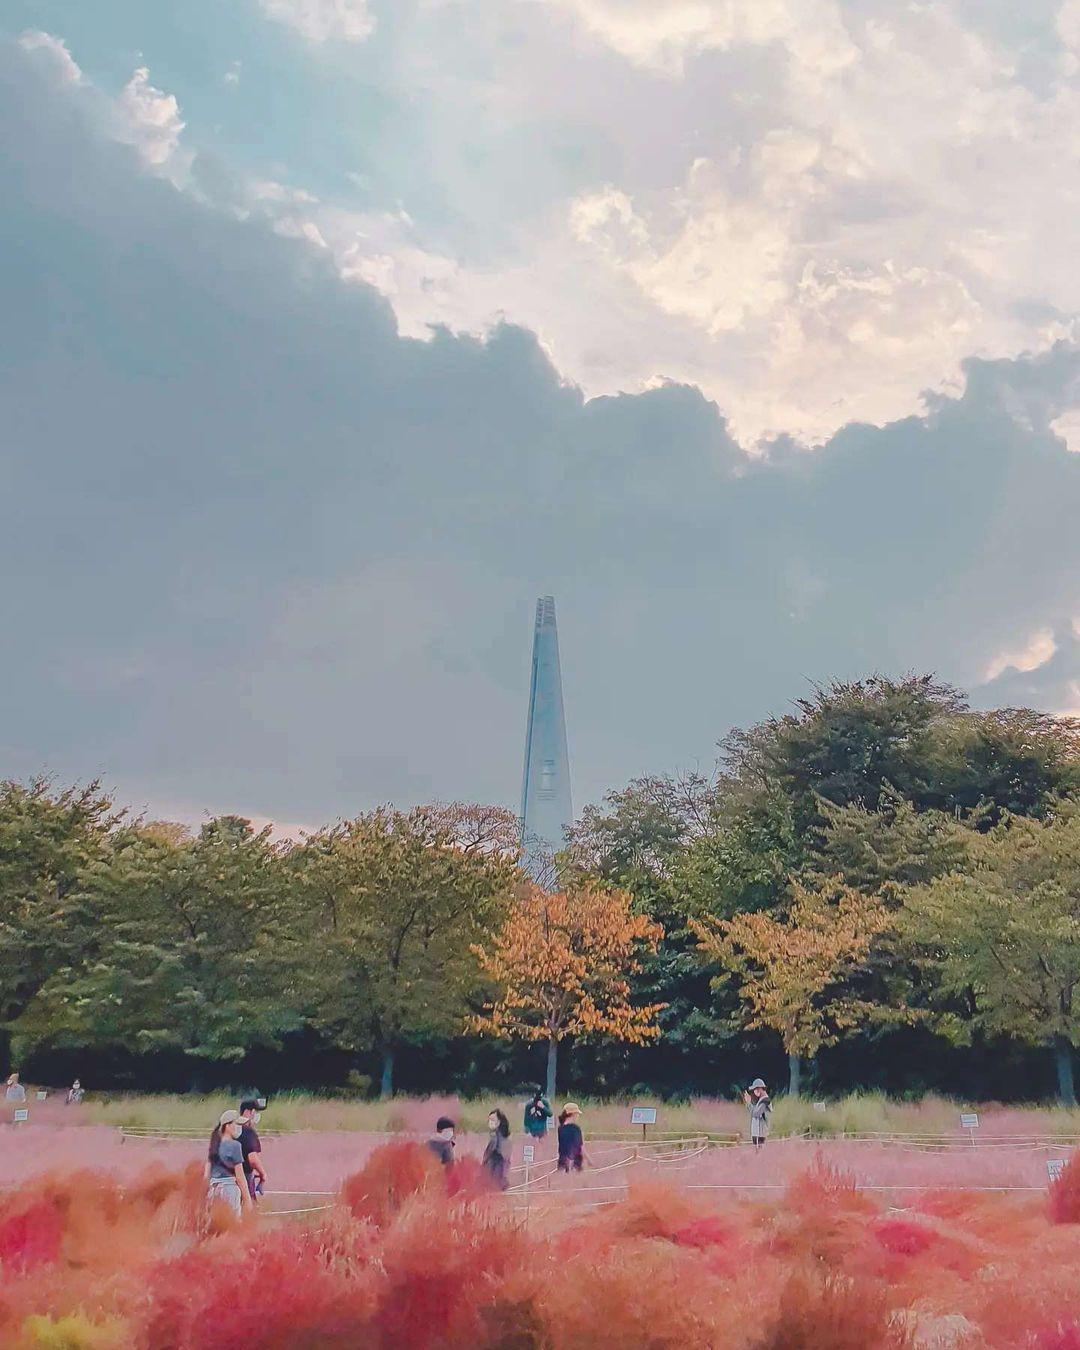 올림픽공원 핑크뮬리와 롯데월드 타워를 한 앵글에